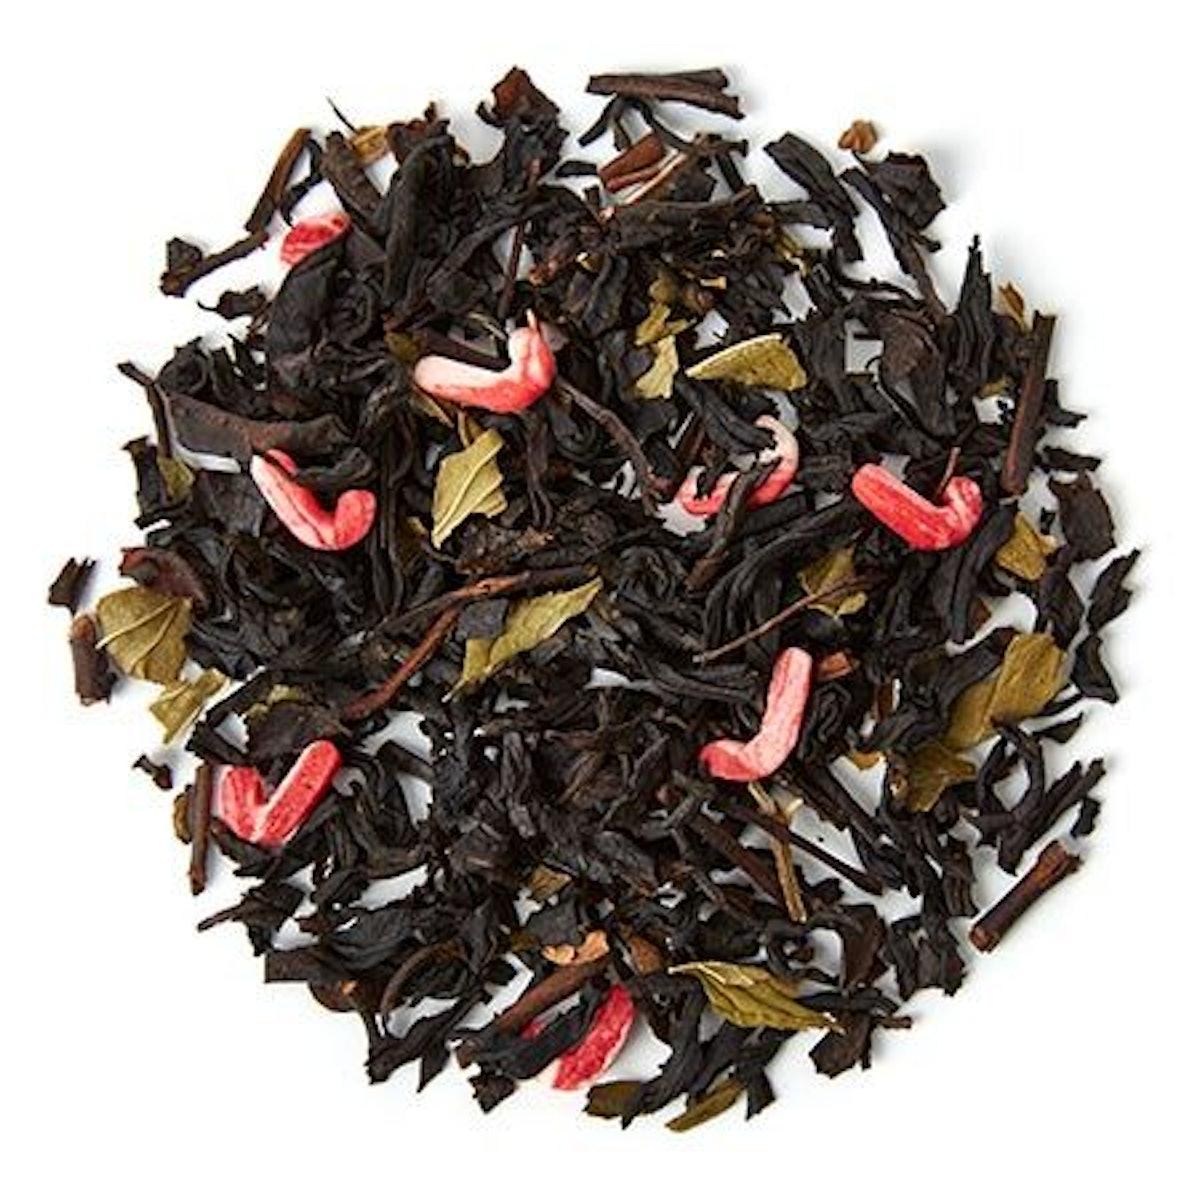 DAVIDsTEA Santa's Secret Black Tea